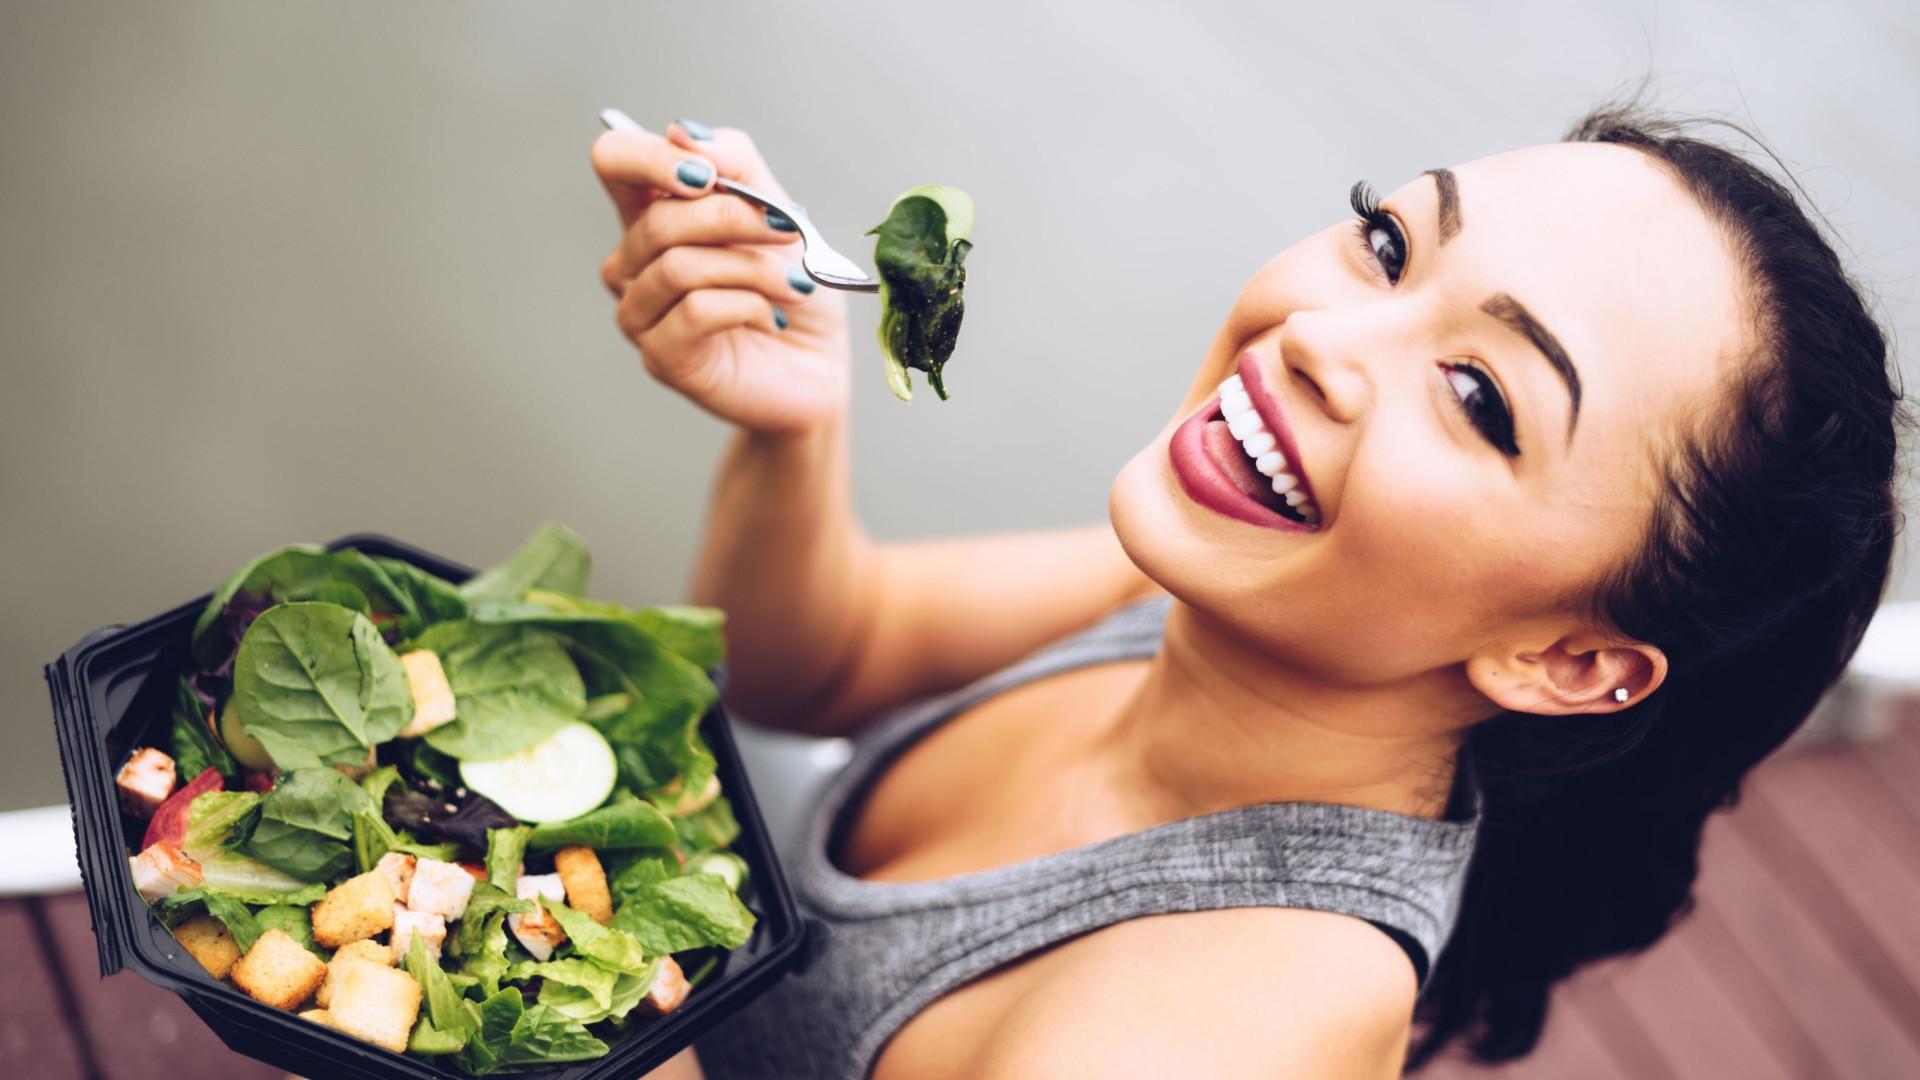 Diga não à carne! 11 dicas para seguir uma alimentação vegan